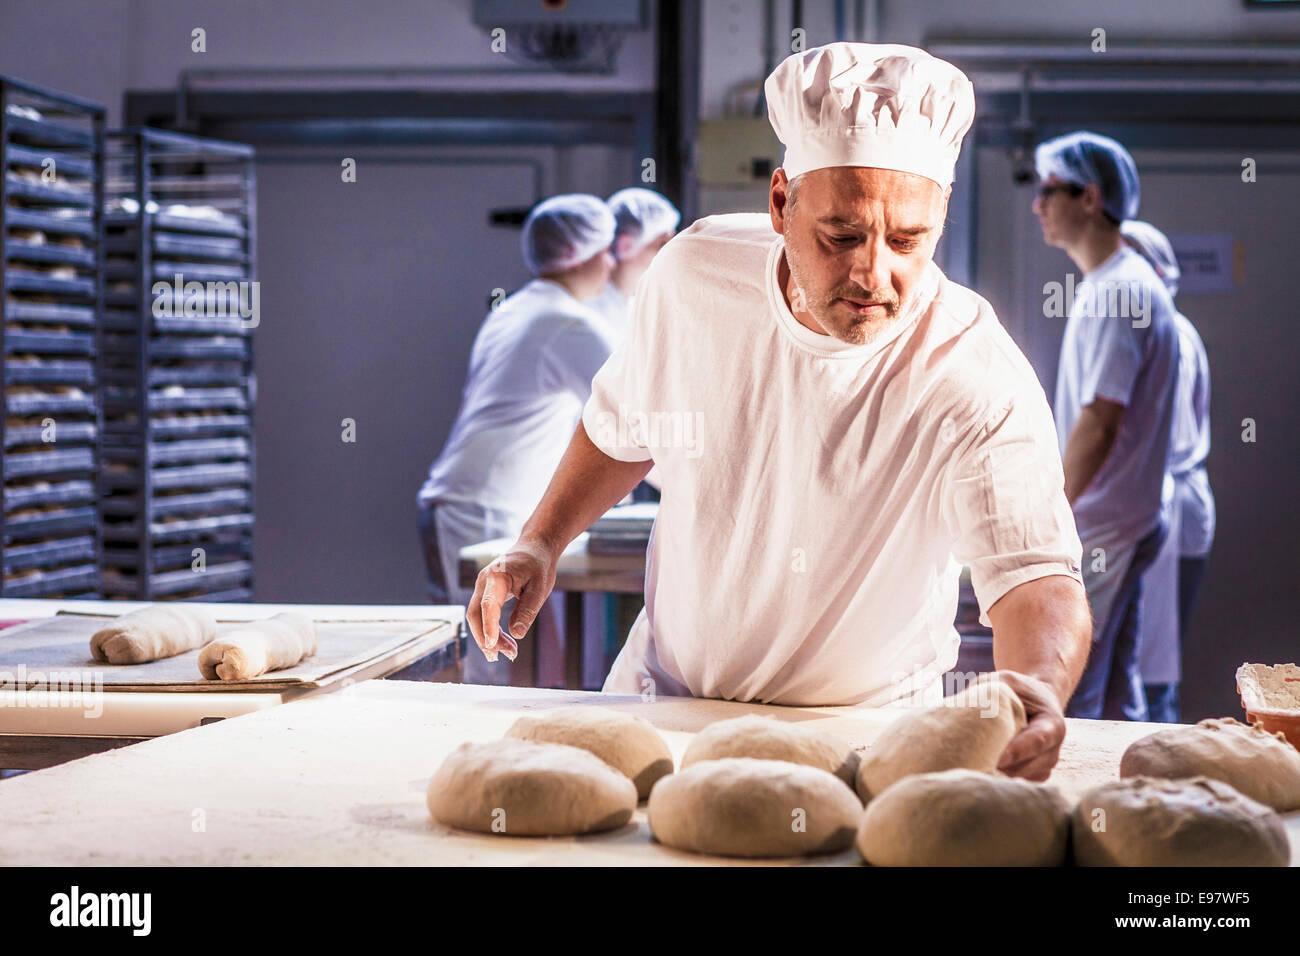 Backen von Brot, Koch Teig zu kontrollieren Stockbild